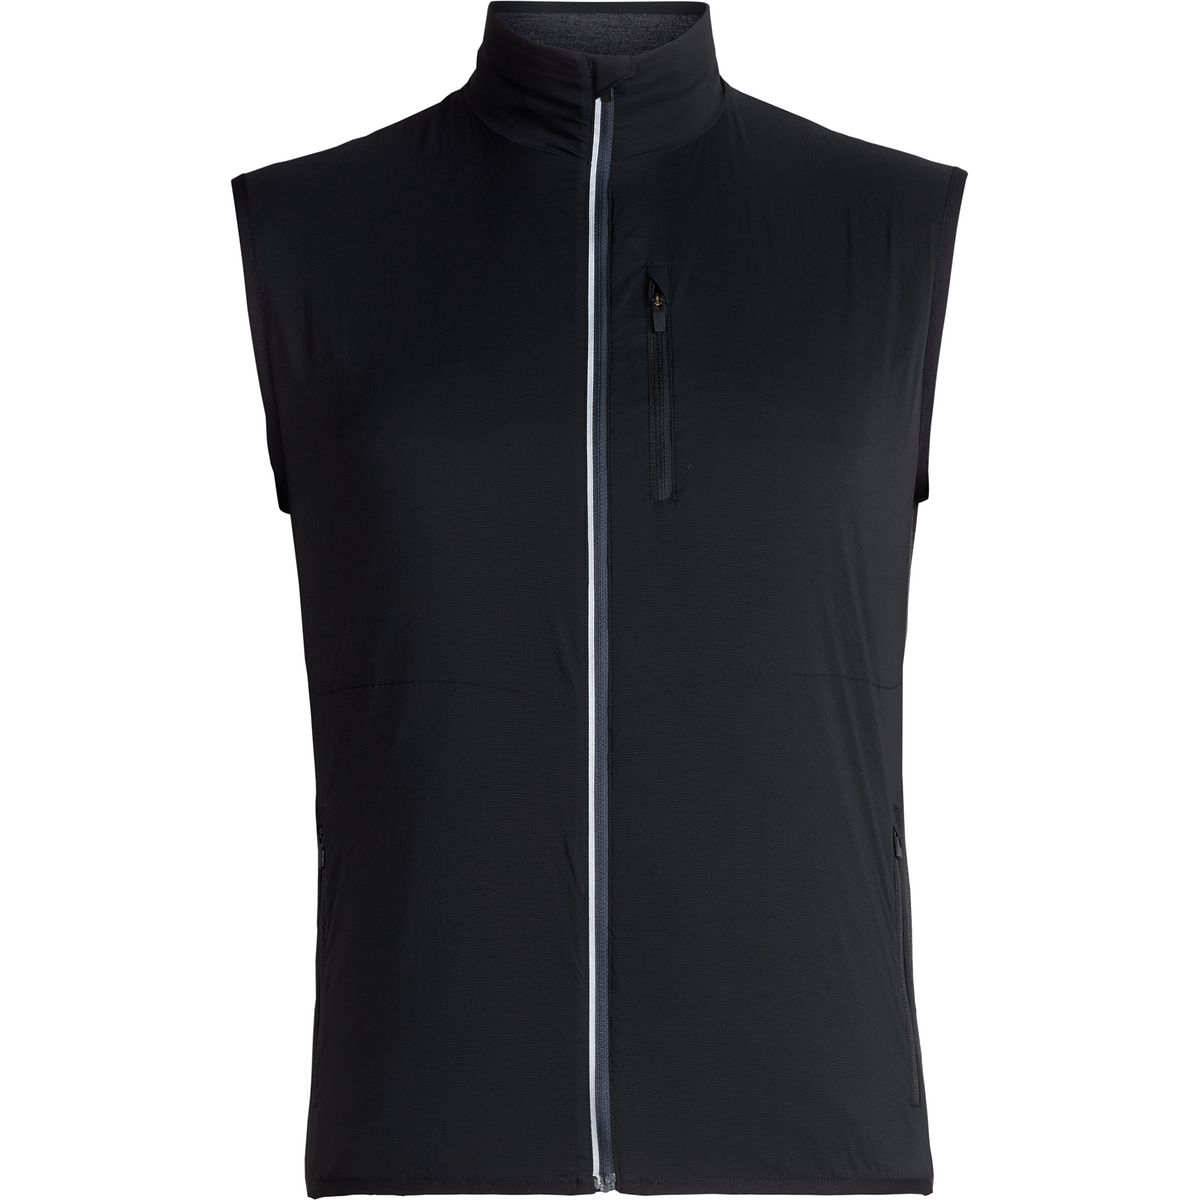 Icebreaker Herren Tech Trainer Hybrid Vest Weste Black//Jet Hthr